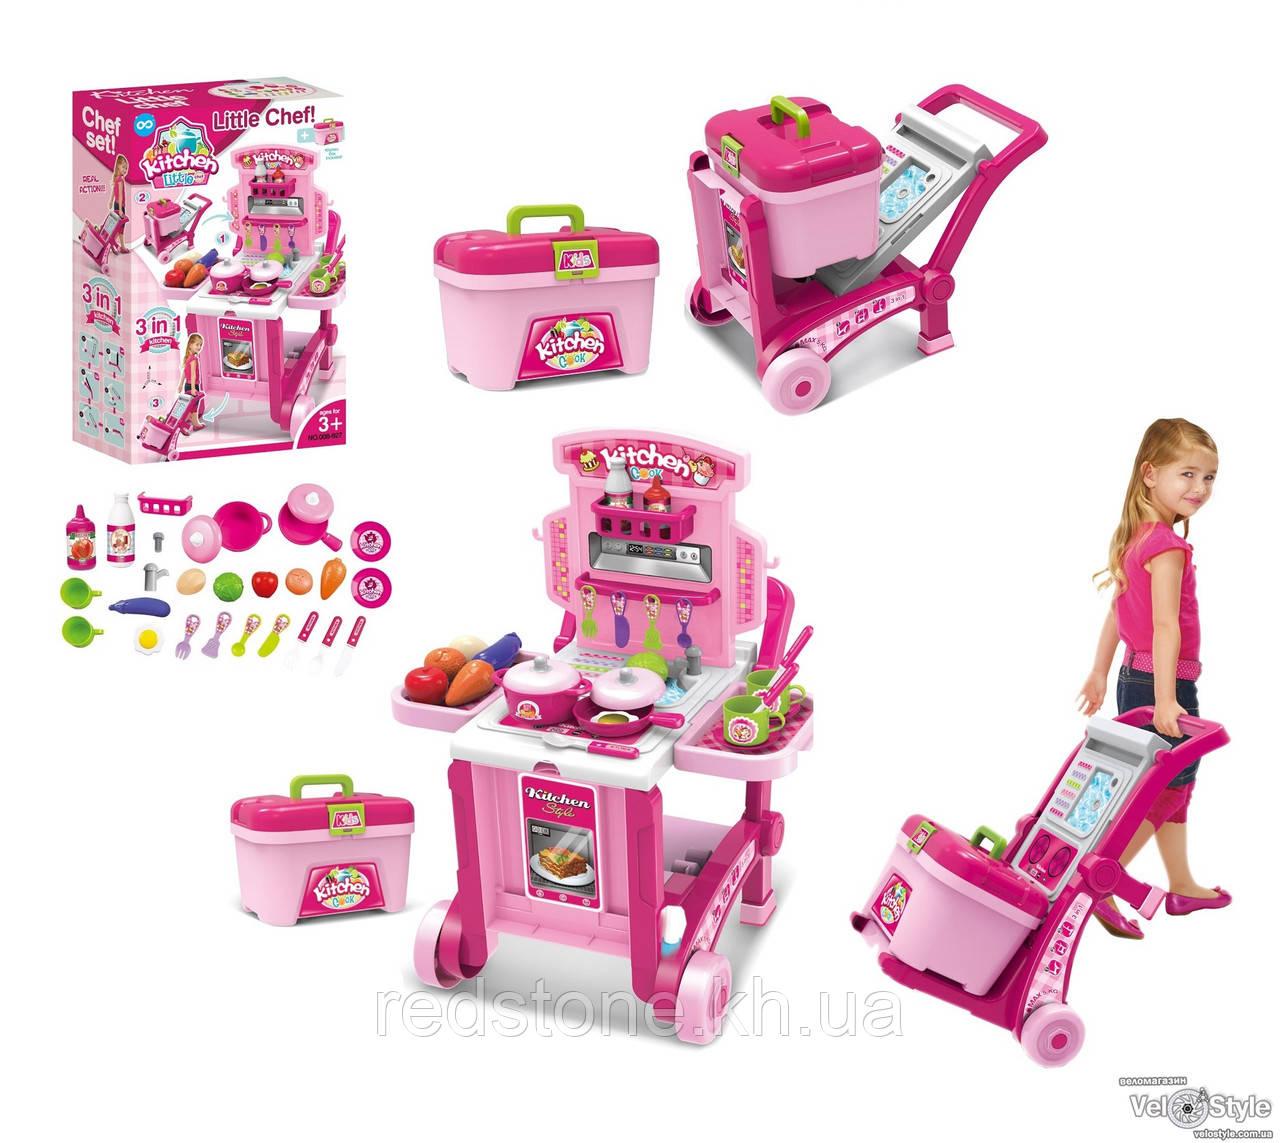 Детская кухня на колесах в чемодане-тележке 008-927 (3 in 1)